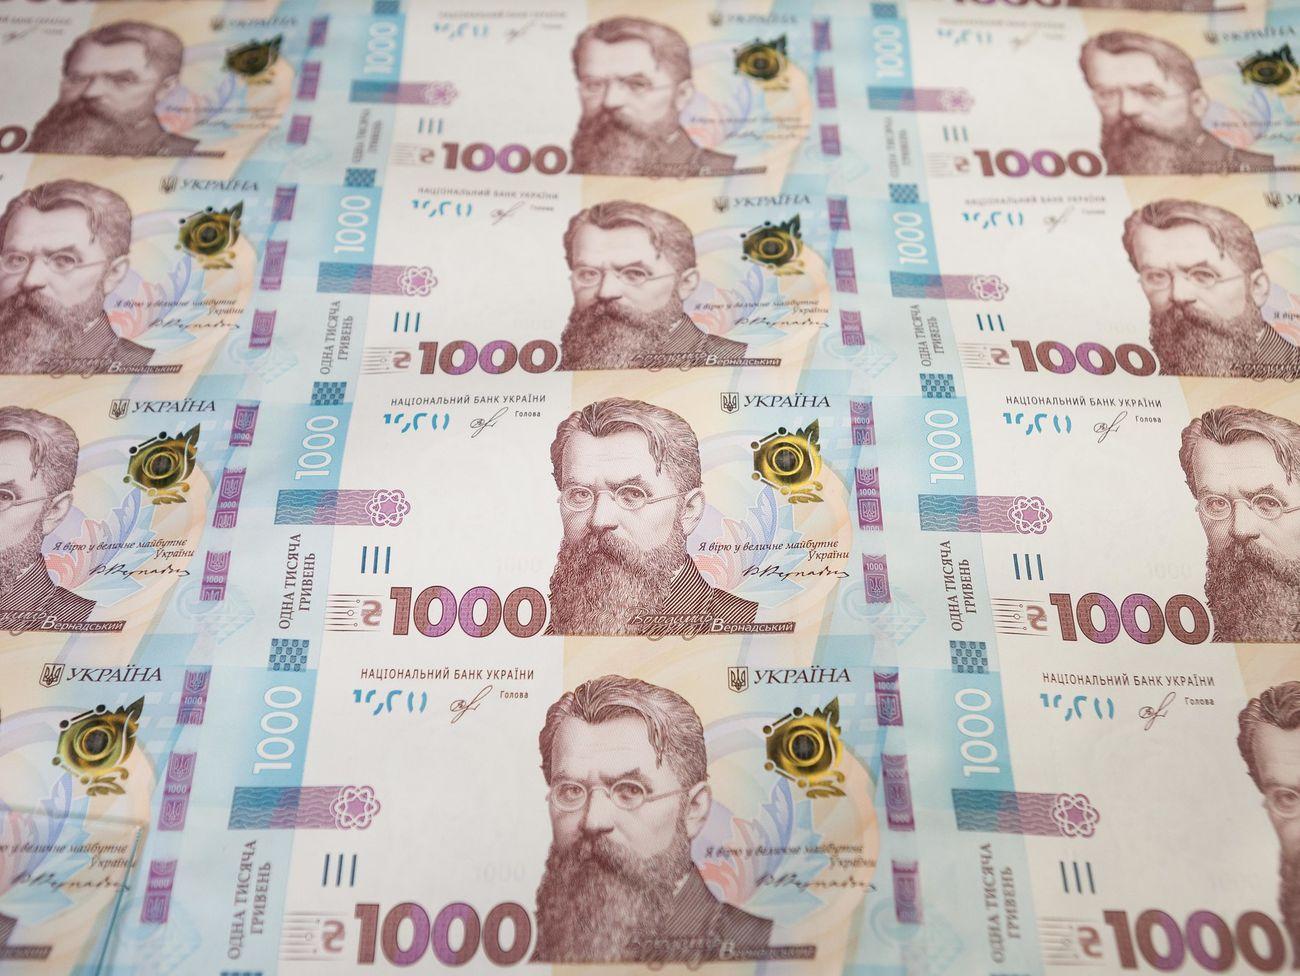 В Украине появится банкнота номиналом 1 тыс. грн. Фоторепортаж